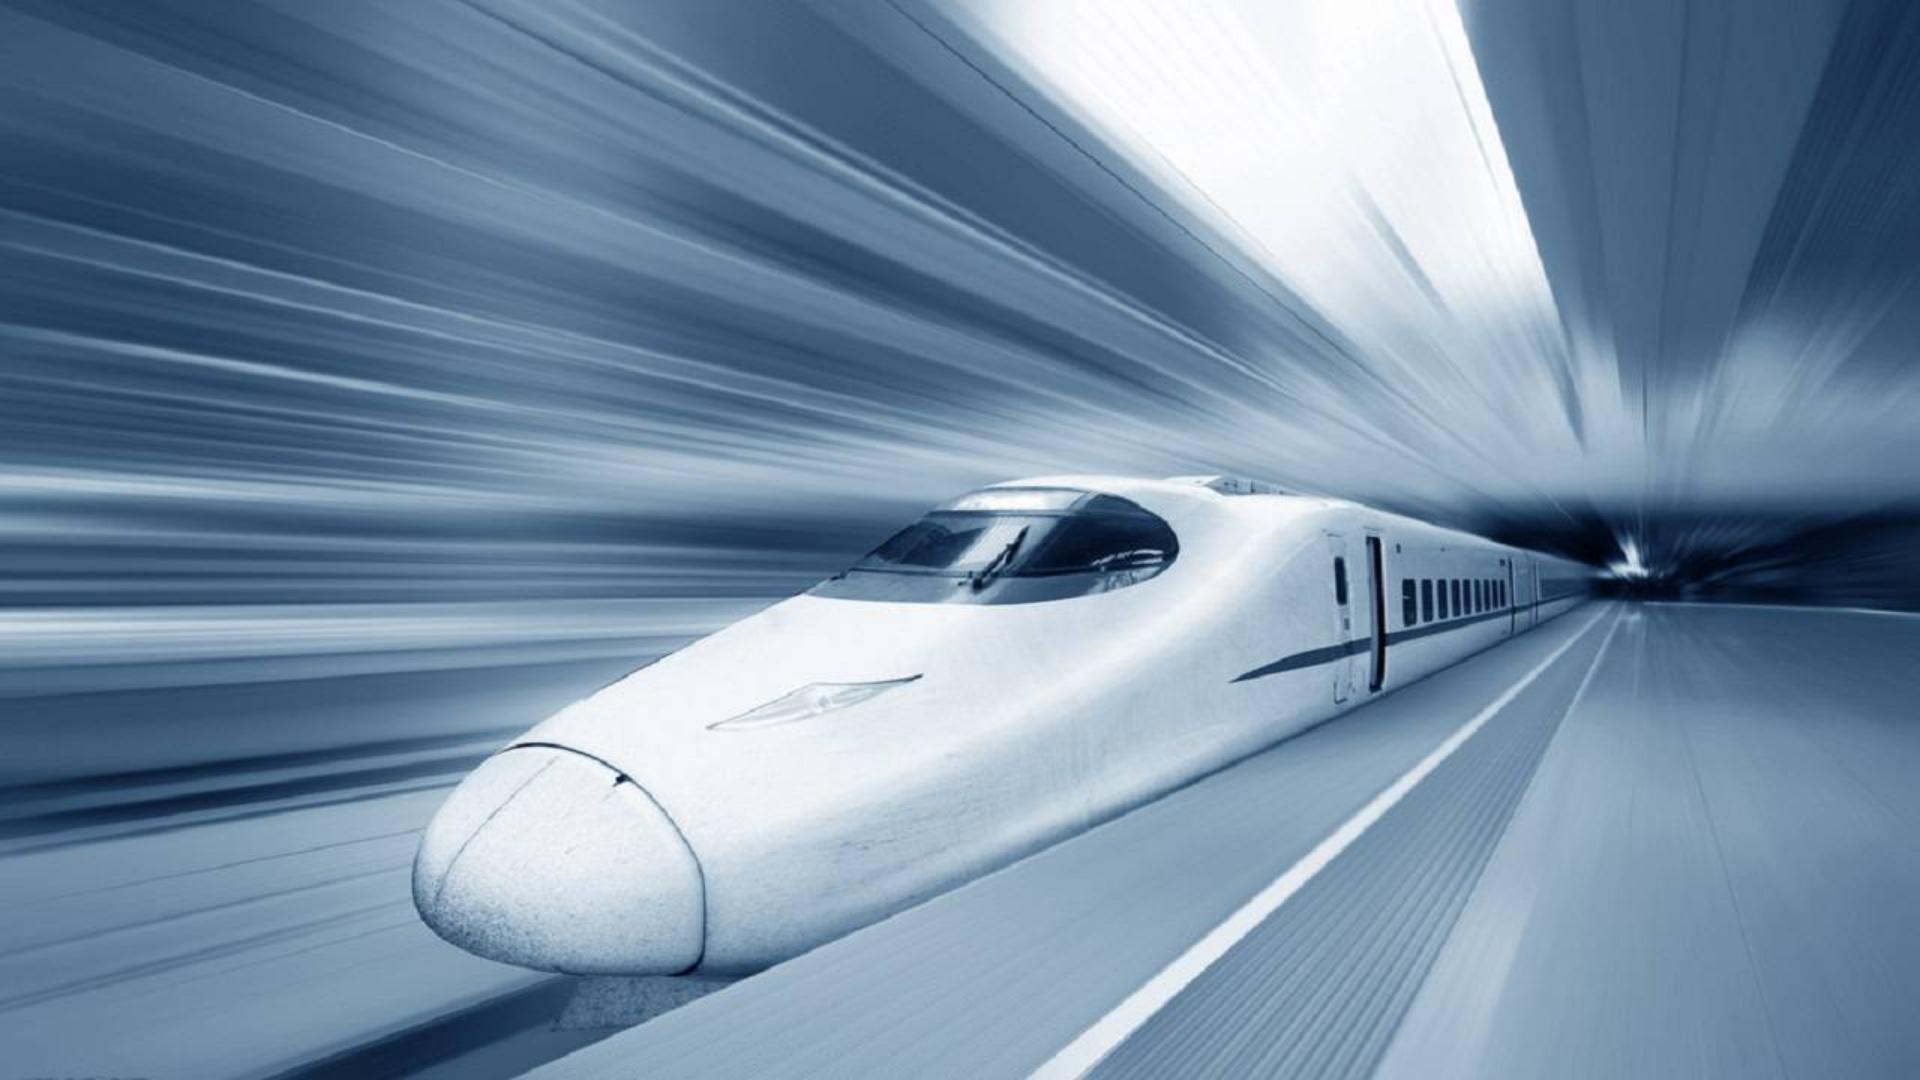 中国打造全球最长高铁,未来贯通祖国南北,成为重要经济动脉